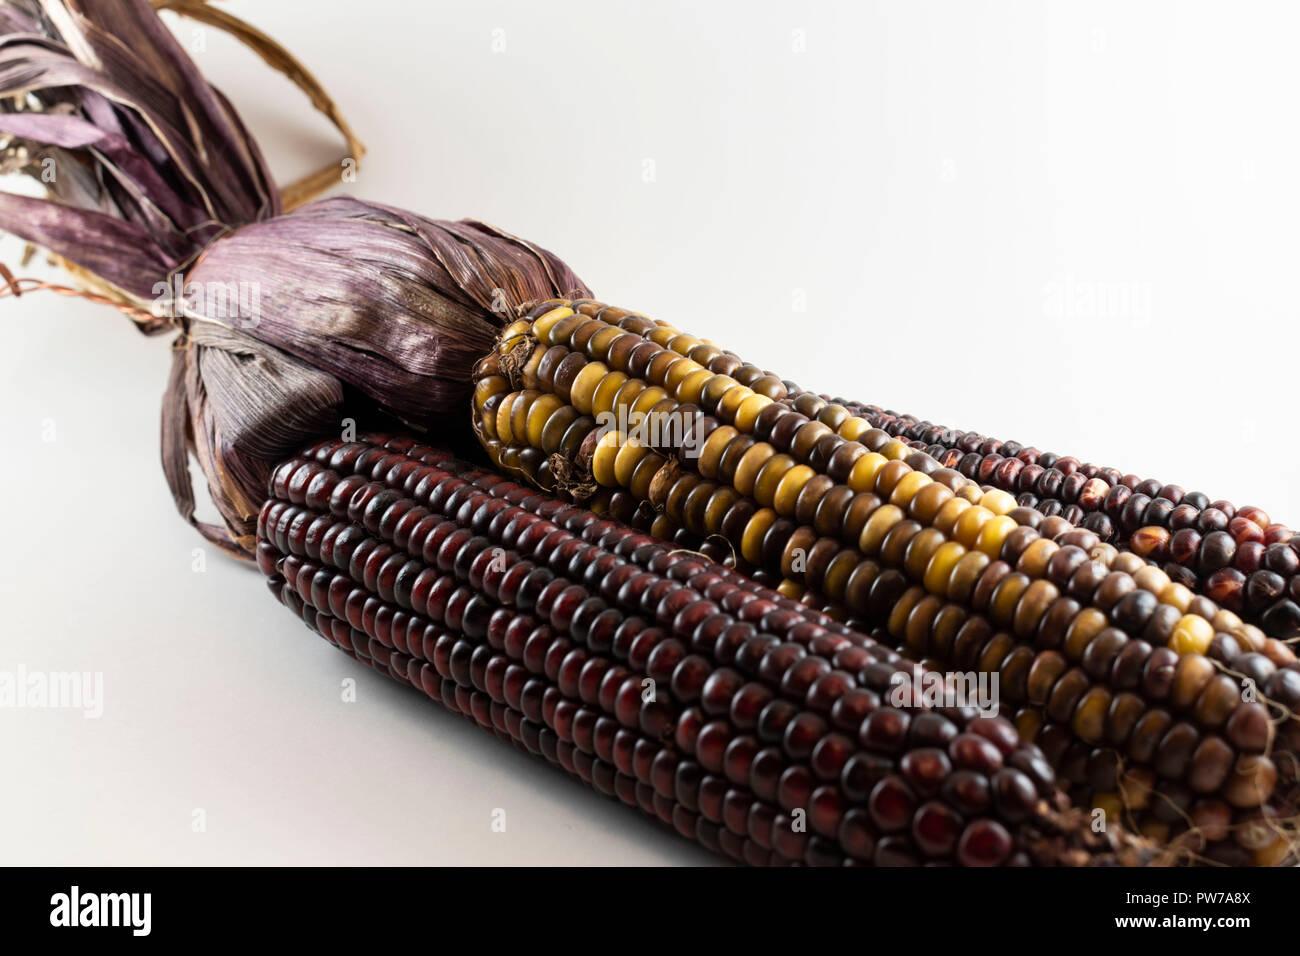 Indian Corn isolated white background - Stock Image